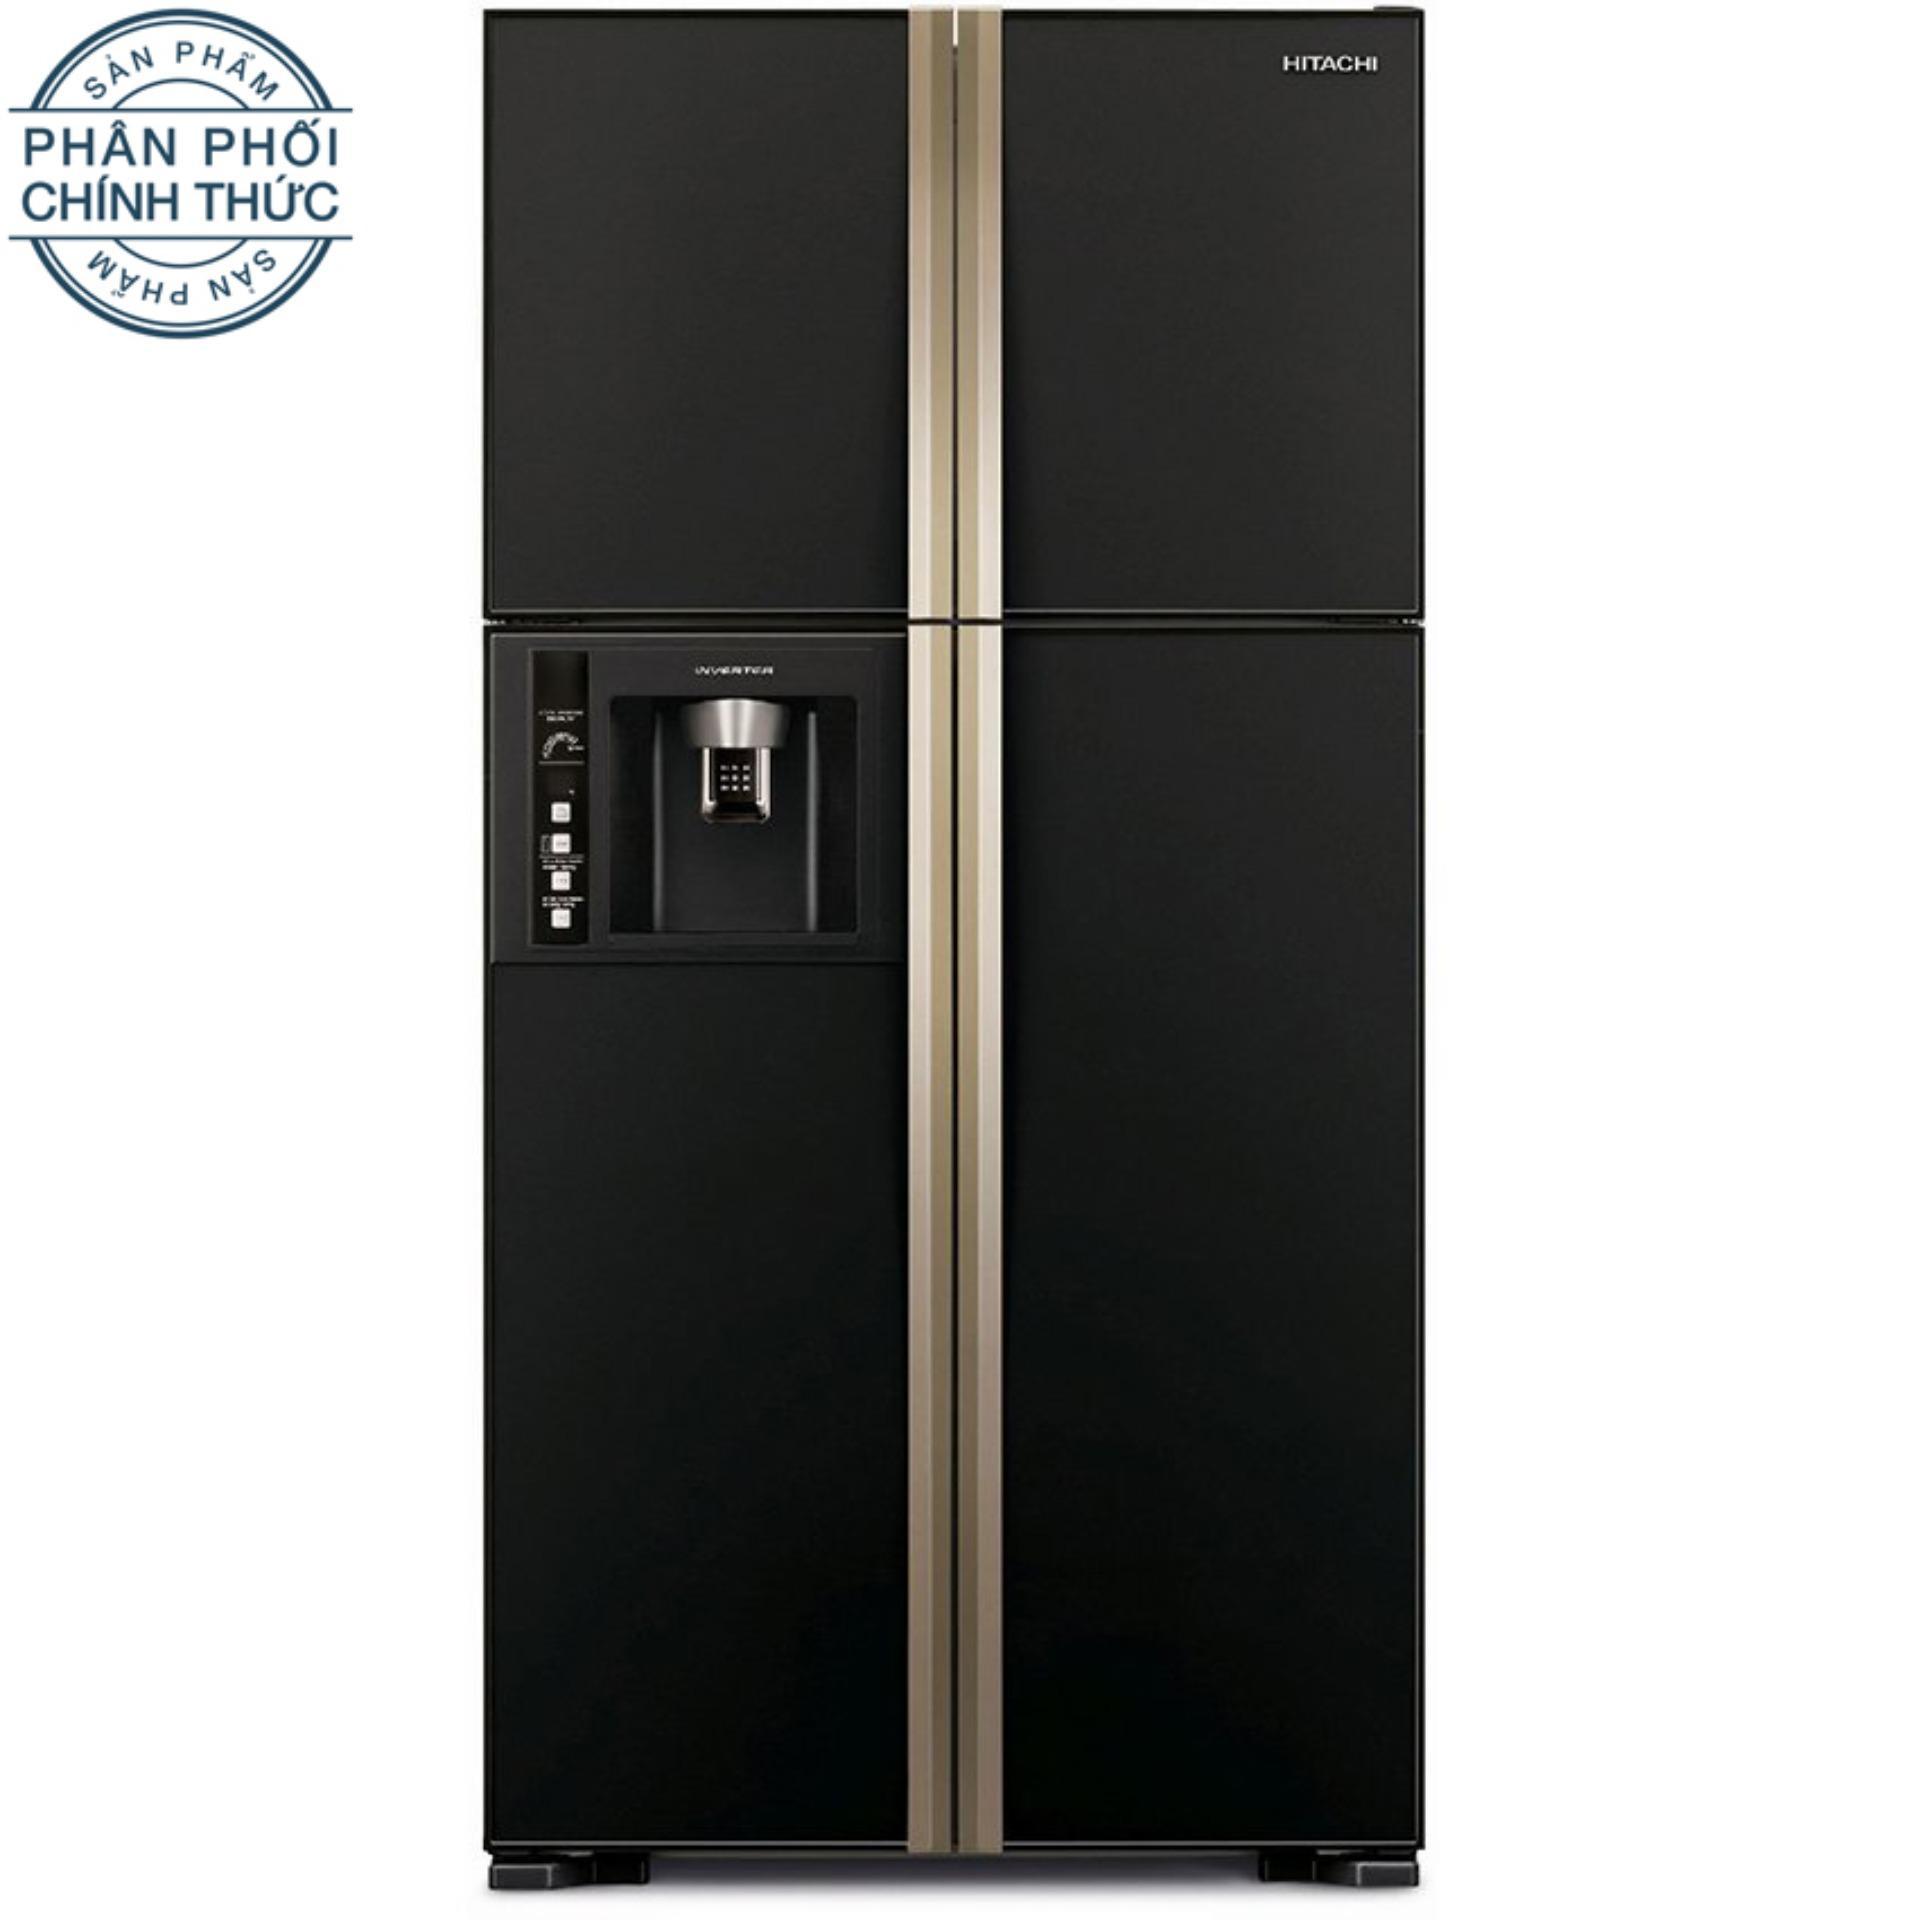 Tủ lạnh Hitachi Inverter 540 lít R-W660PGV3